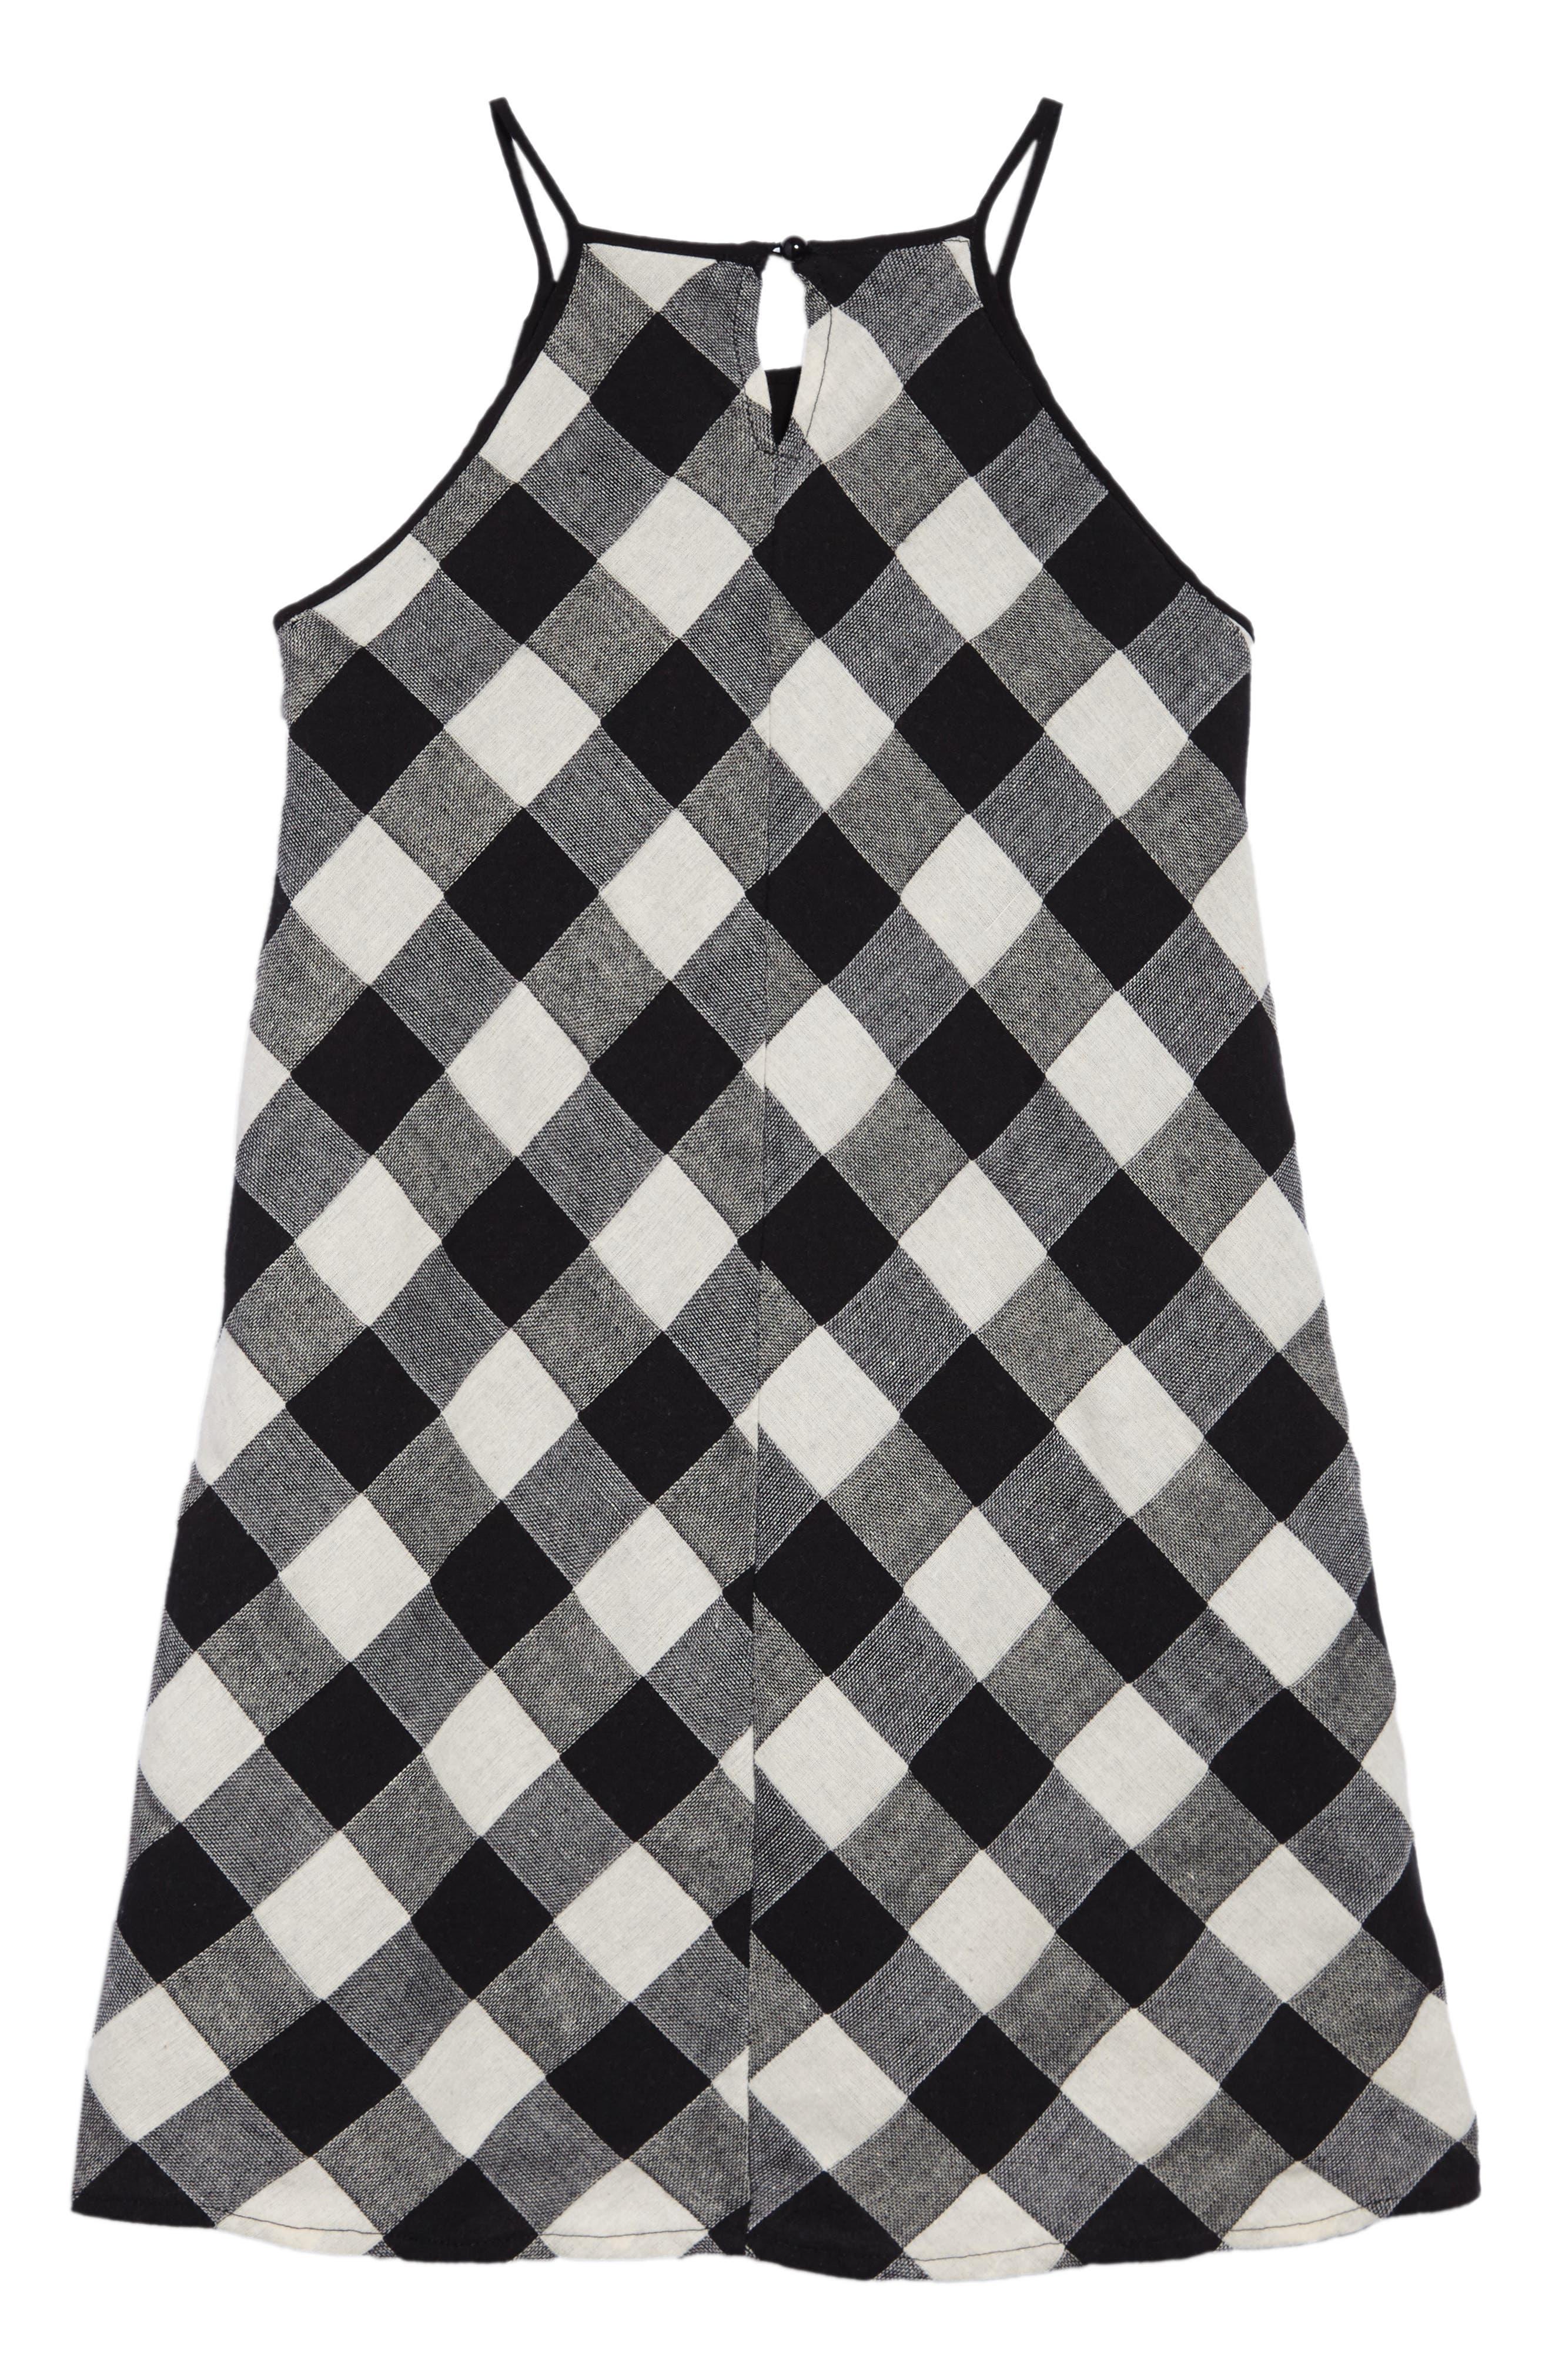 Gingham Tank Dress,                             Alternate thumbnail 2, color,                             Blk/ White